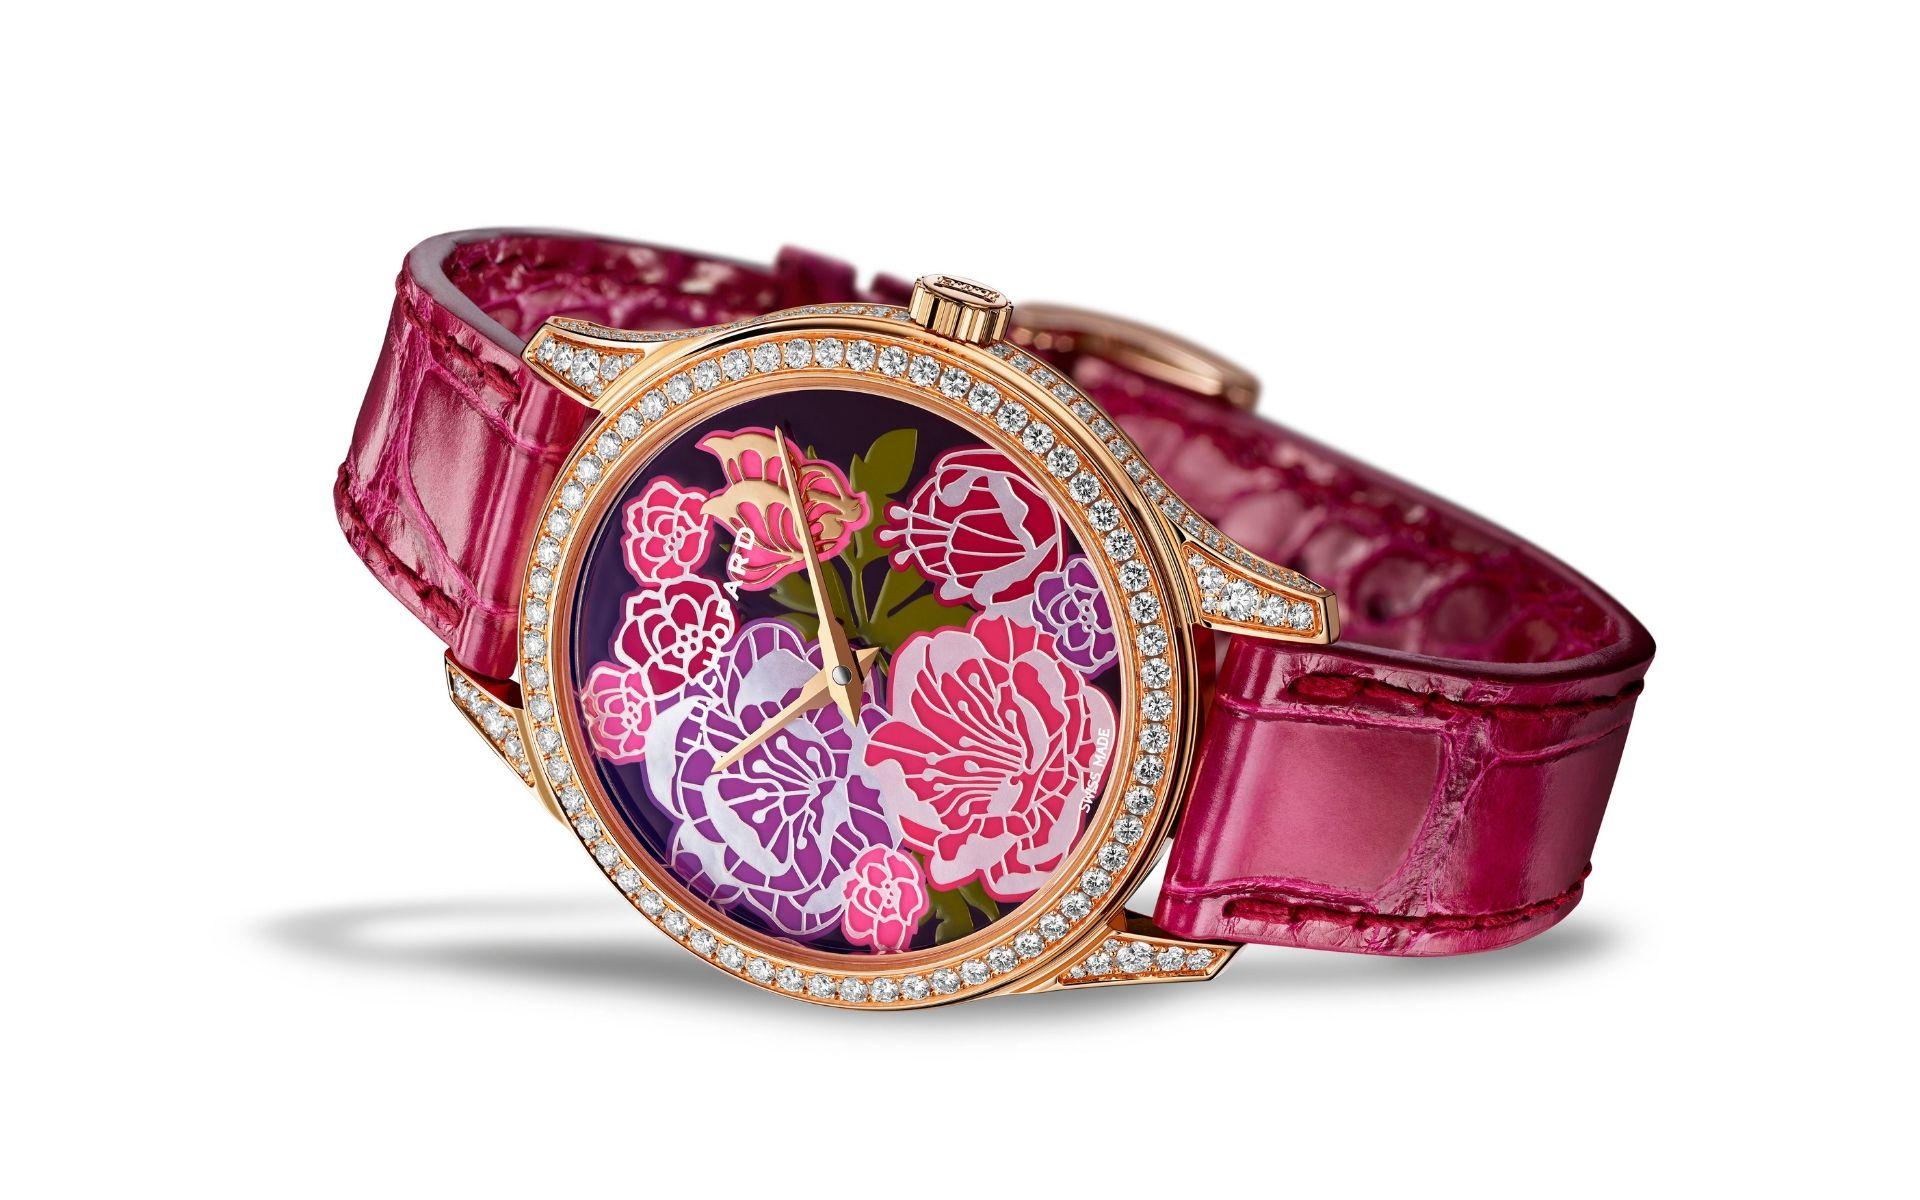 Chopard Recreates The Extravagant Beauty Of Peonies On L.U.C XP Esprit de Fleurier